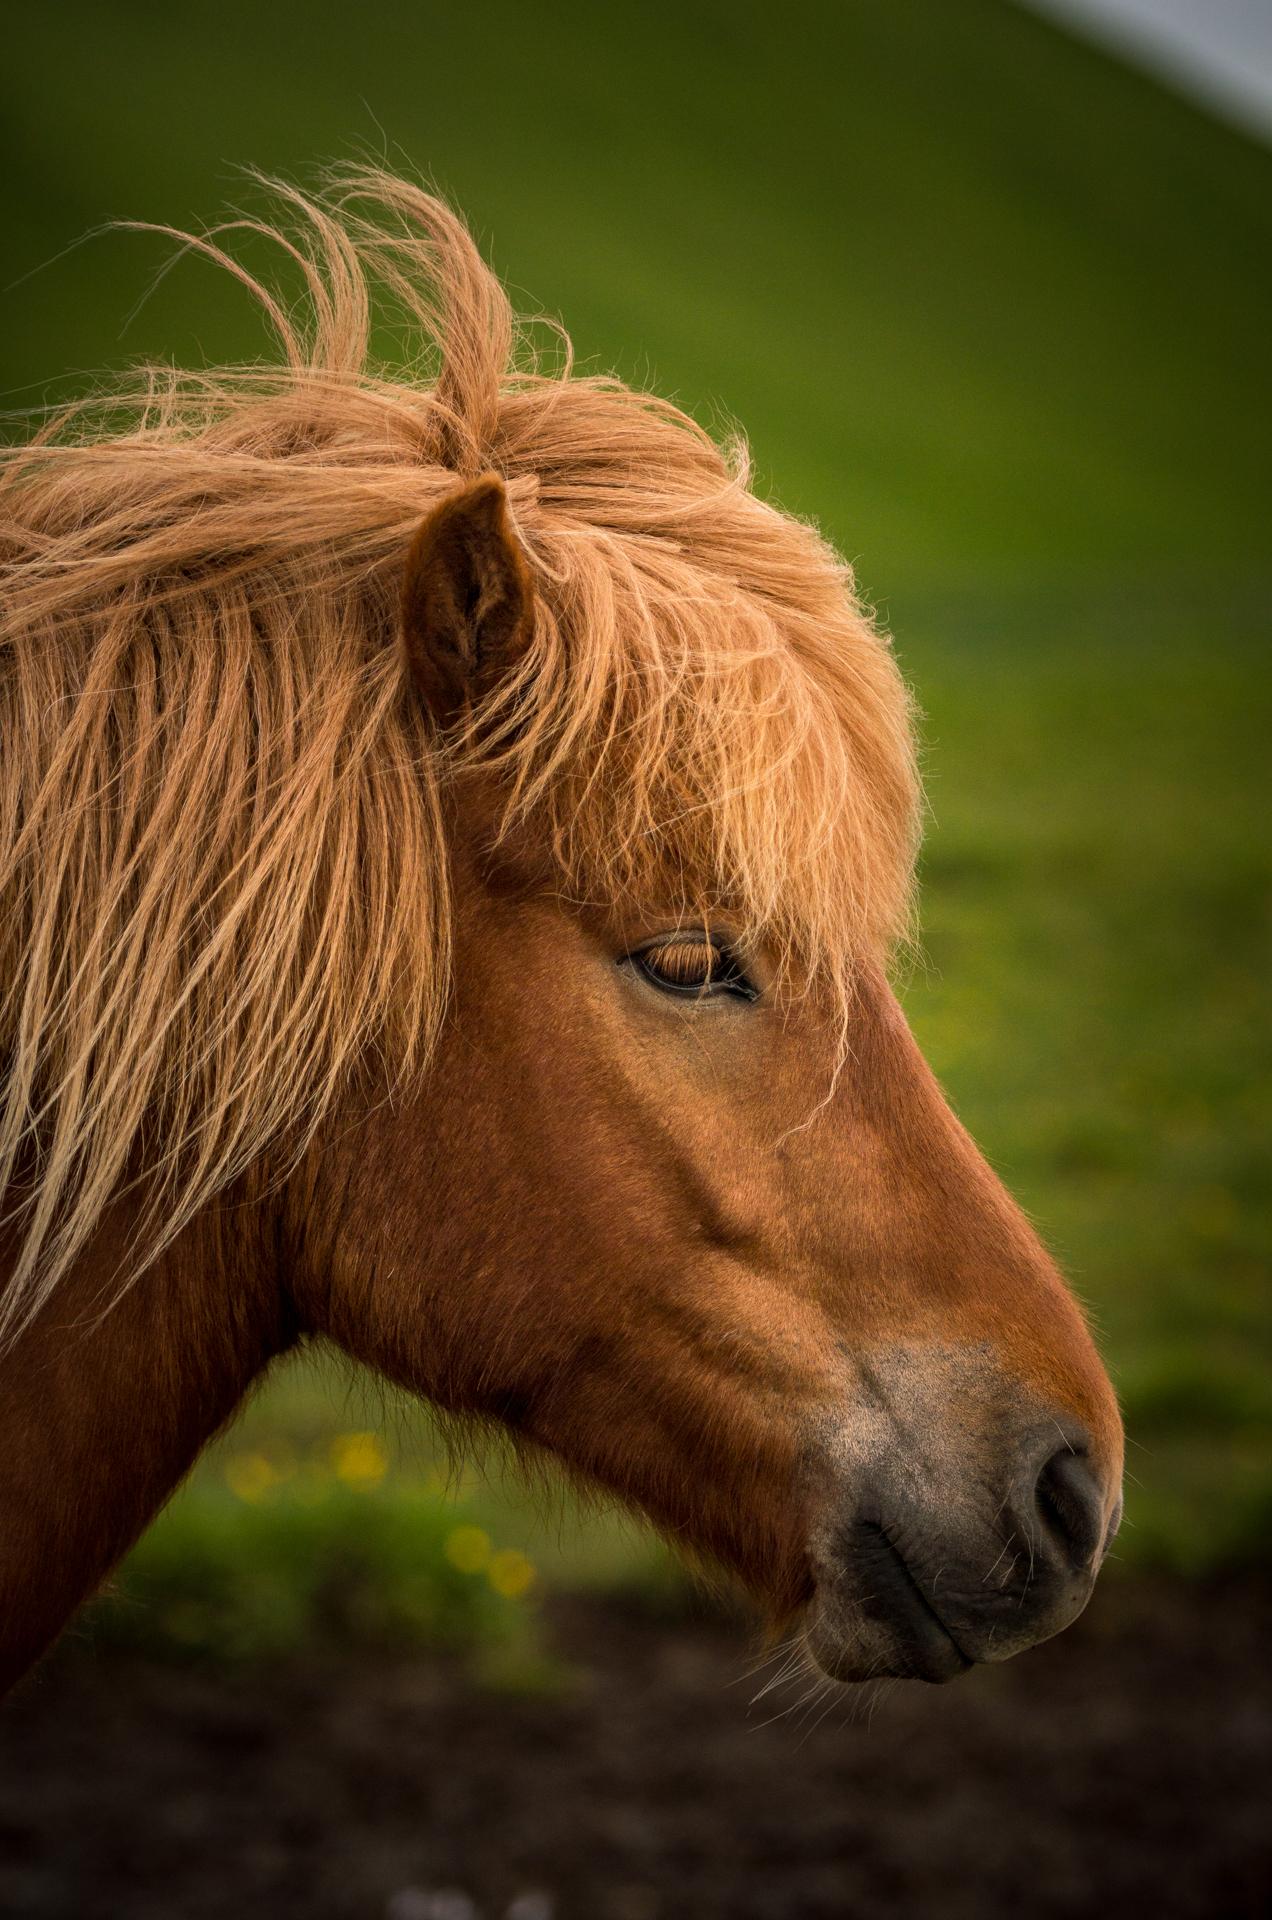 Horse_1_NoBorder.jpg